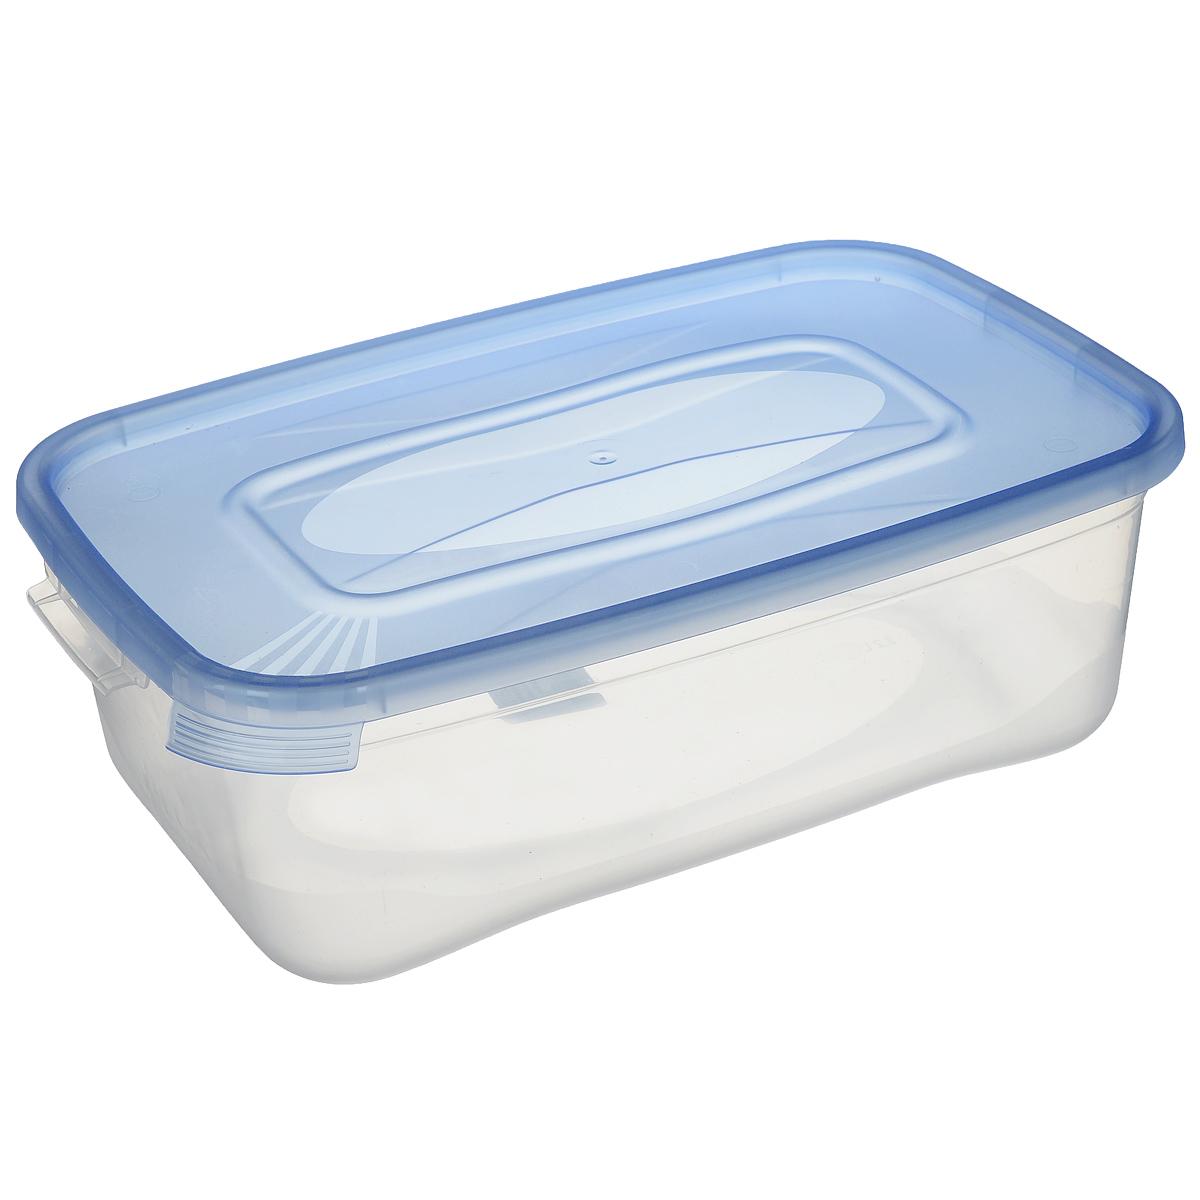 Контейнер для СВЧ Полимербыт Каскад, цвет: прозрачный, голубой, 2,2 лС590 голубойКонтейнер Полимербыт Каскад прямоугольной формы, изготовленный из прочного пластика, предназначен специально для хранения пищевых продуктов. Крышка легко открывается и плотно закрывается. Контейнер устойчив к воздействию масел и жиров, легко моется. Прозрачные стенки позволяют видеть содержимое. Контейнер имеет возможность хранения продуктов глубокой заморозки, обладает высокой прочностью. Подходит для использования в микроволновых печах. Можно мыть в посудомоечной машине.